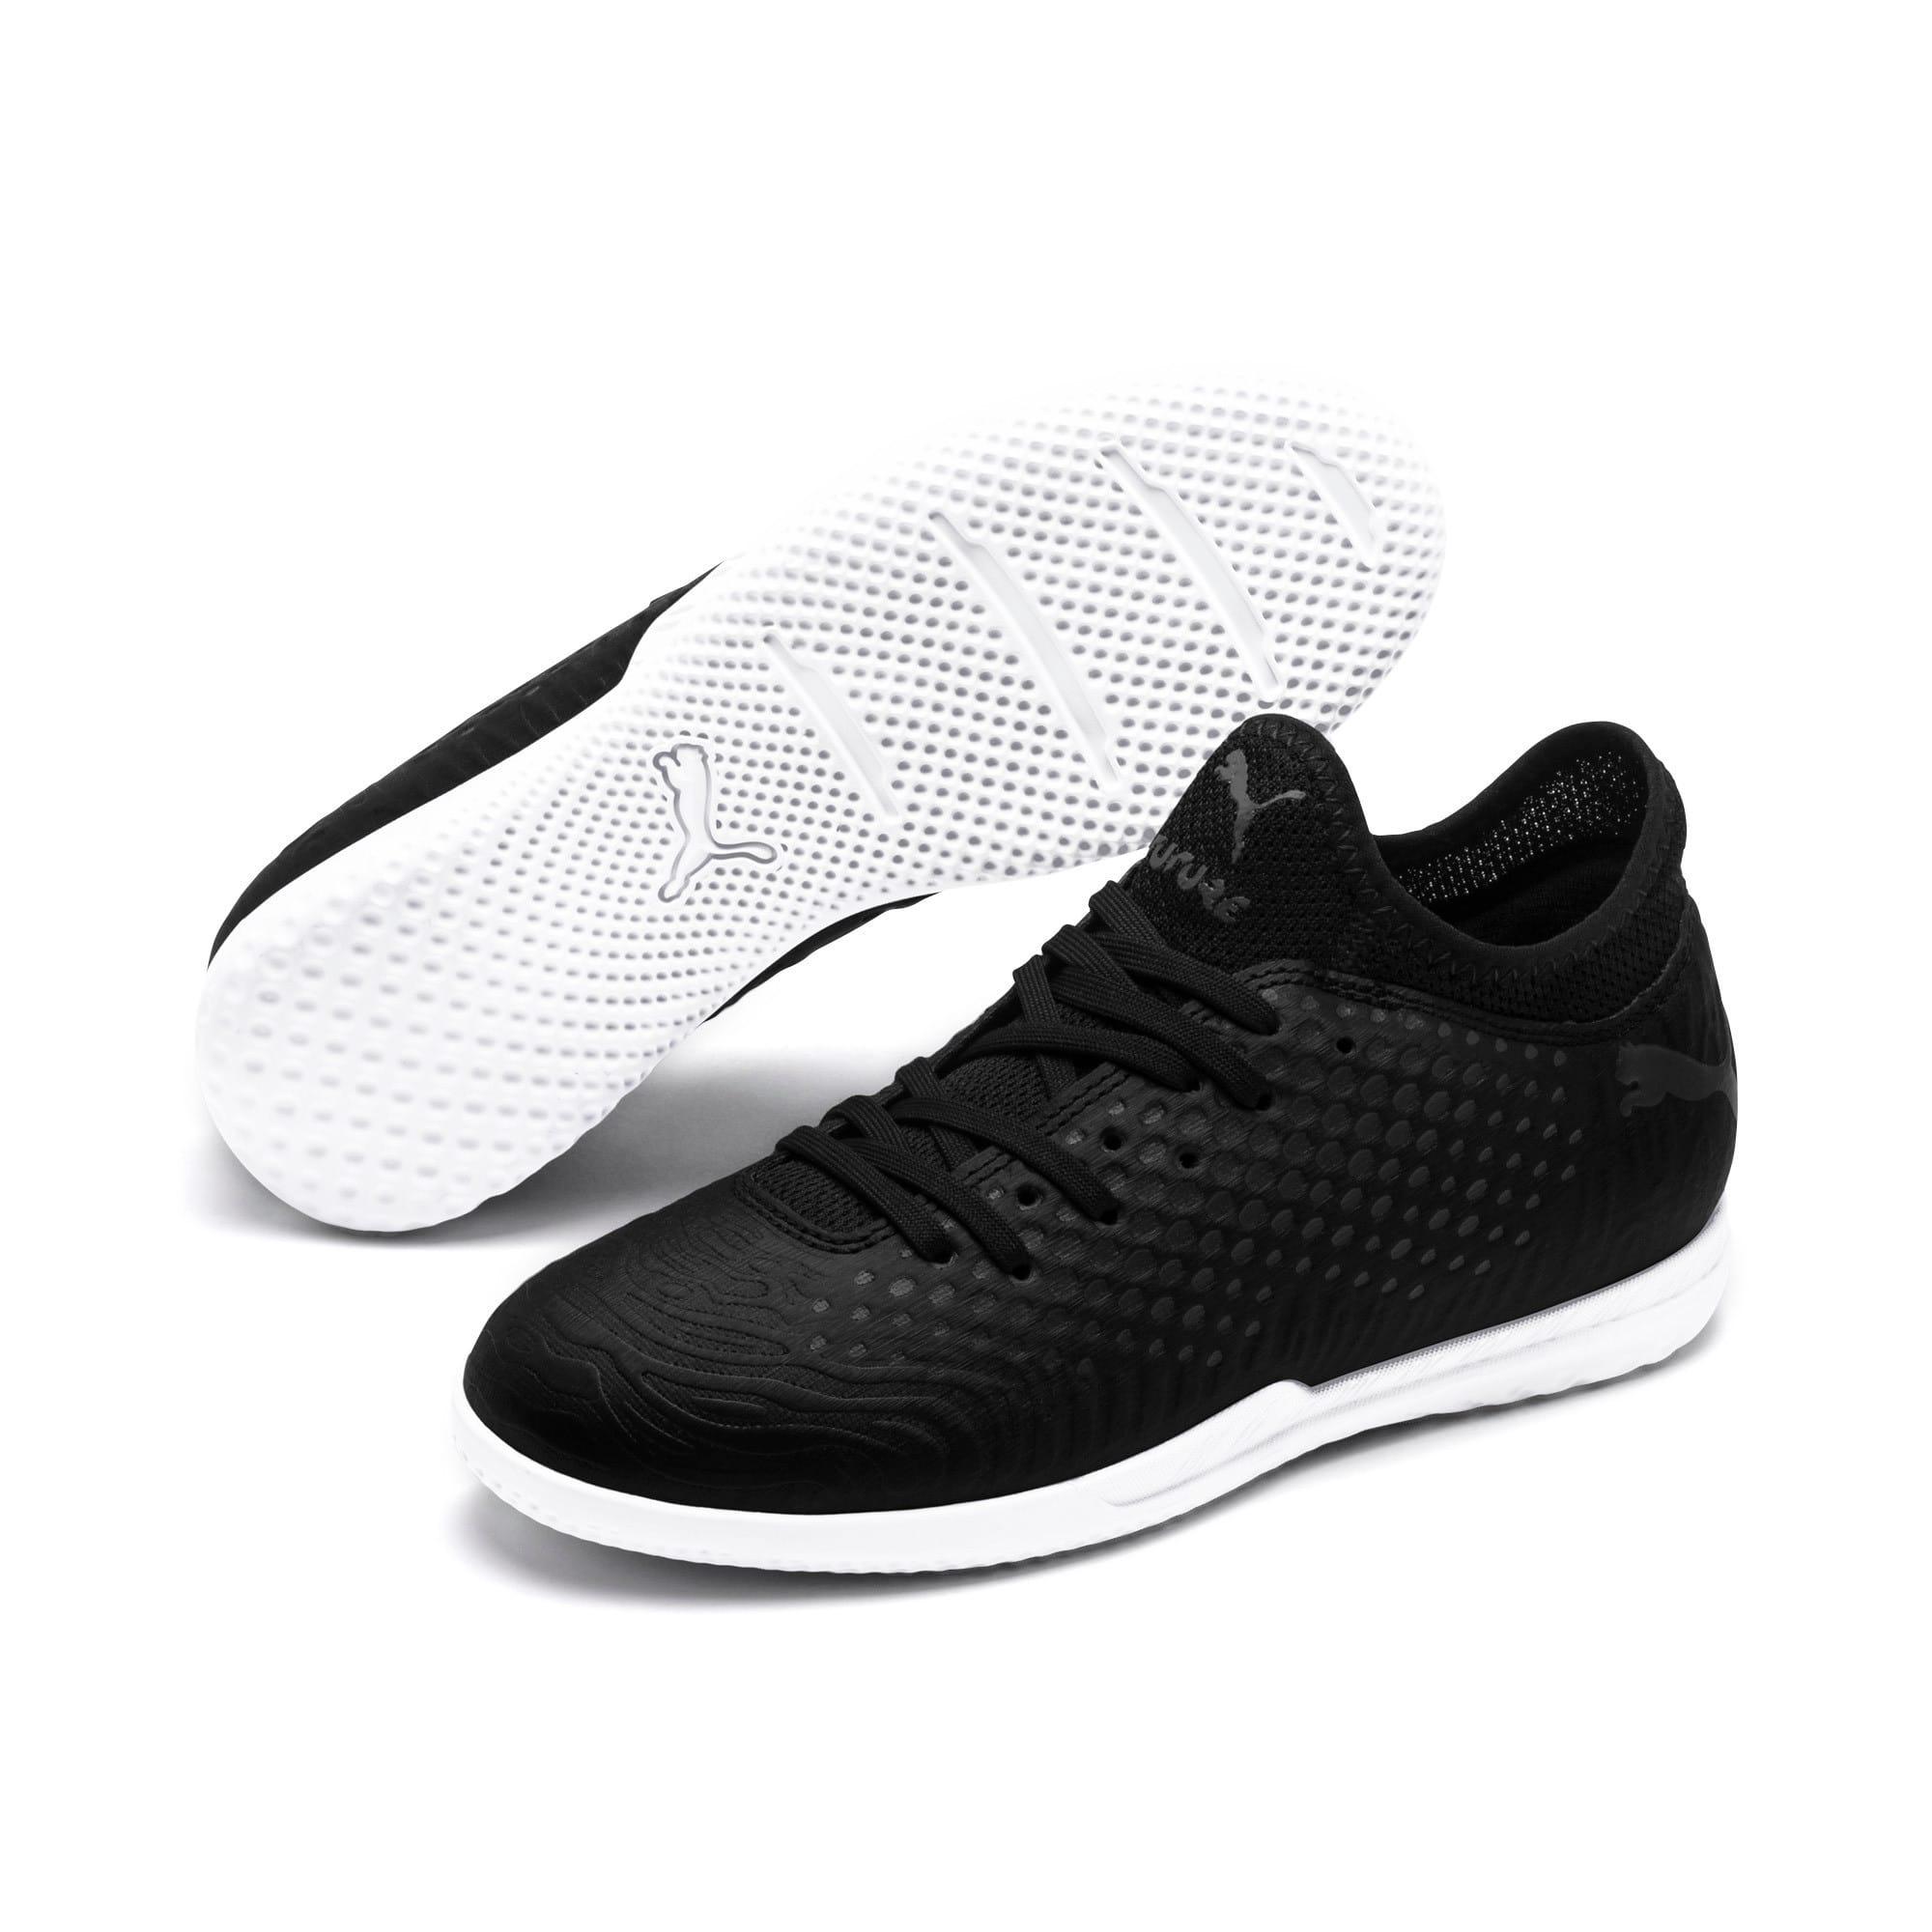 Thumbnail 2 of FUTURE 19.4 IT Soccer Shoes JR, Puma Black-Puma Black-White, medium